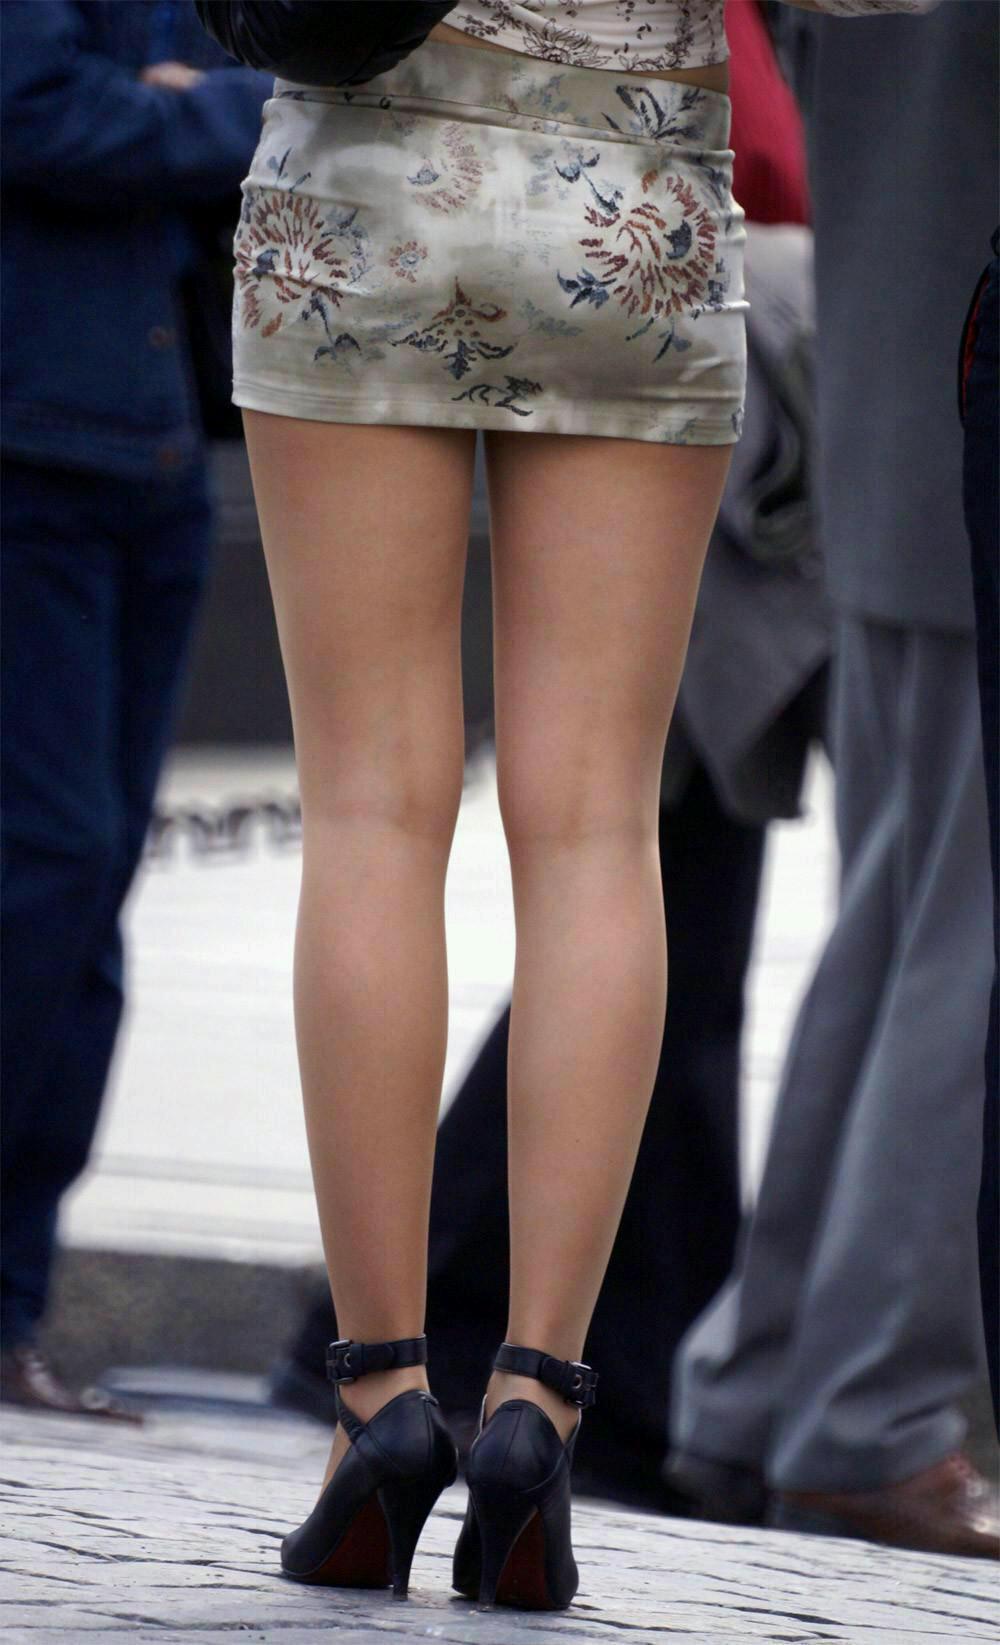 【ミニスカエロ画像】街で見かけたらパンチラの予感を回避できないタイトのミニスカ姿  14